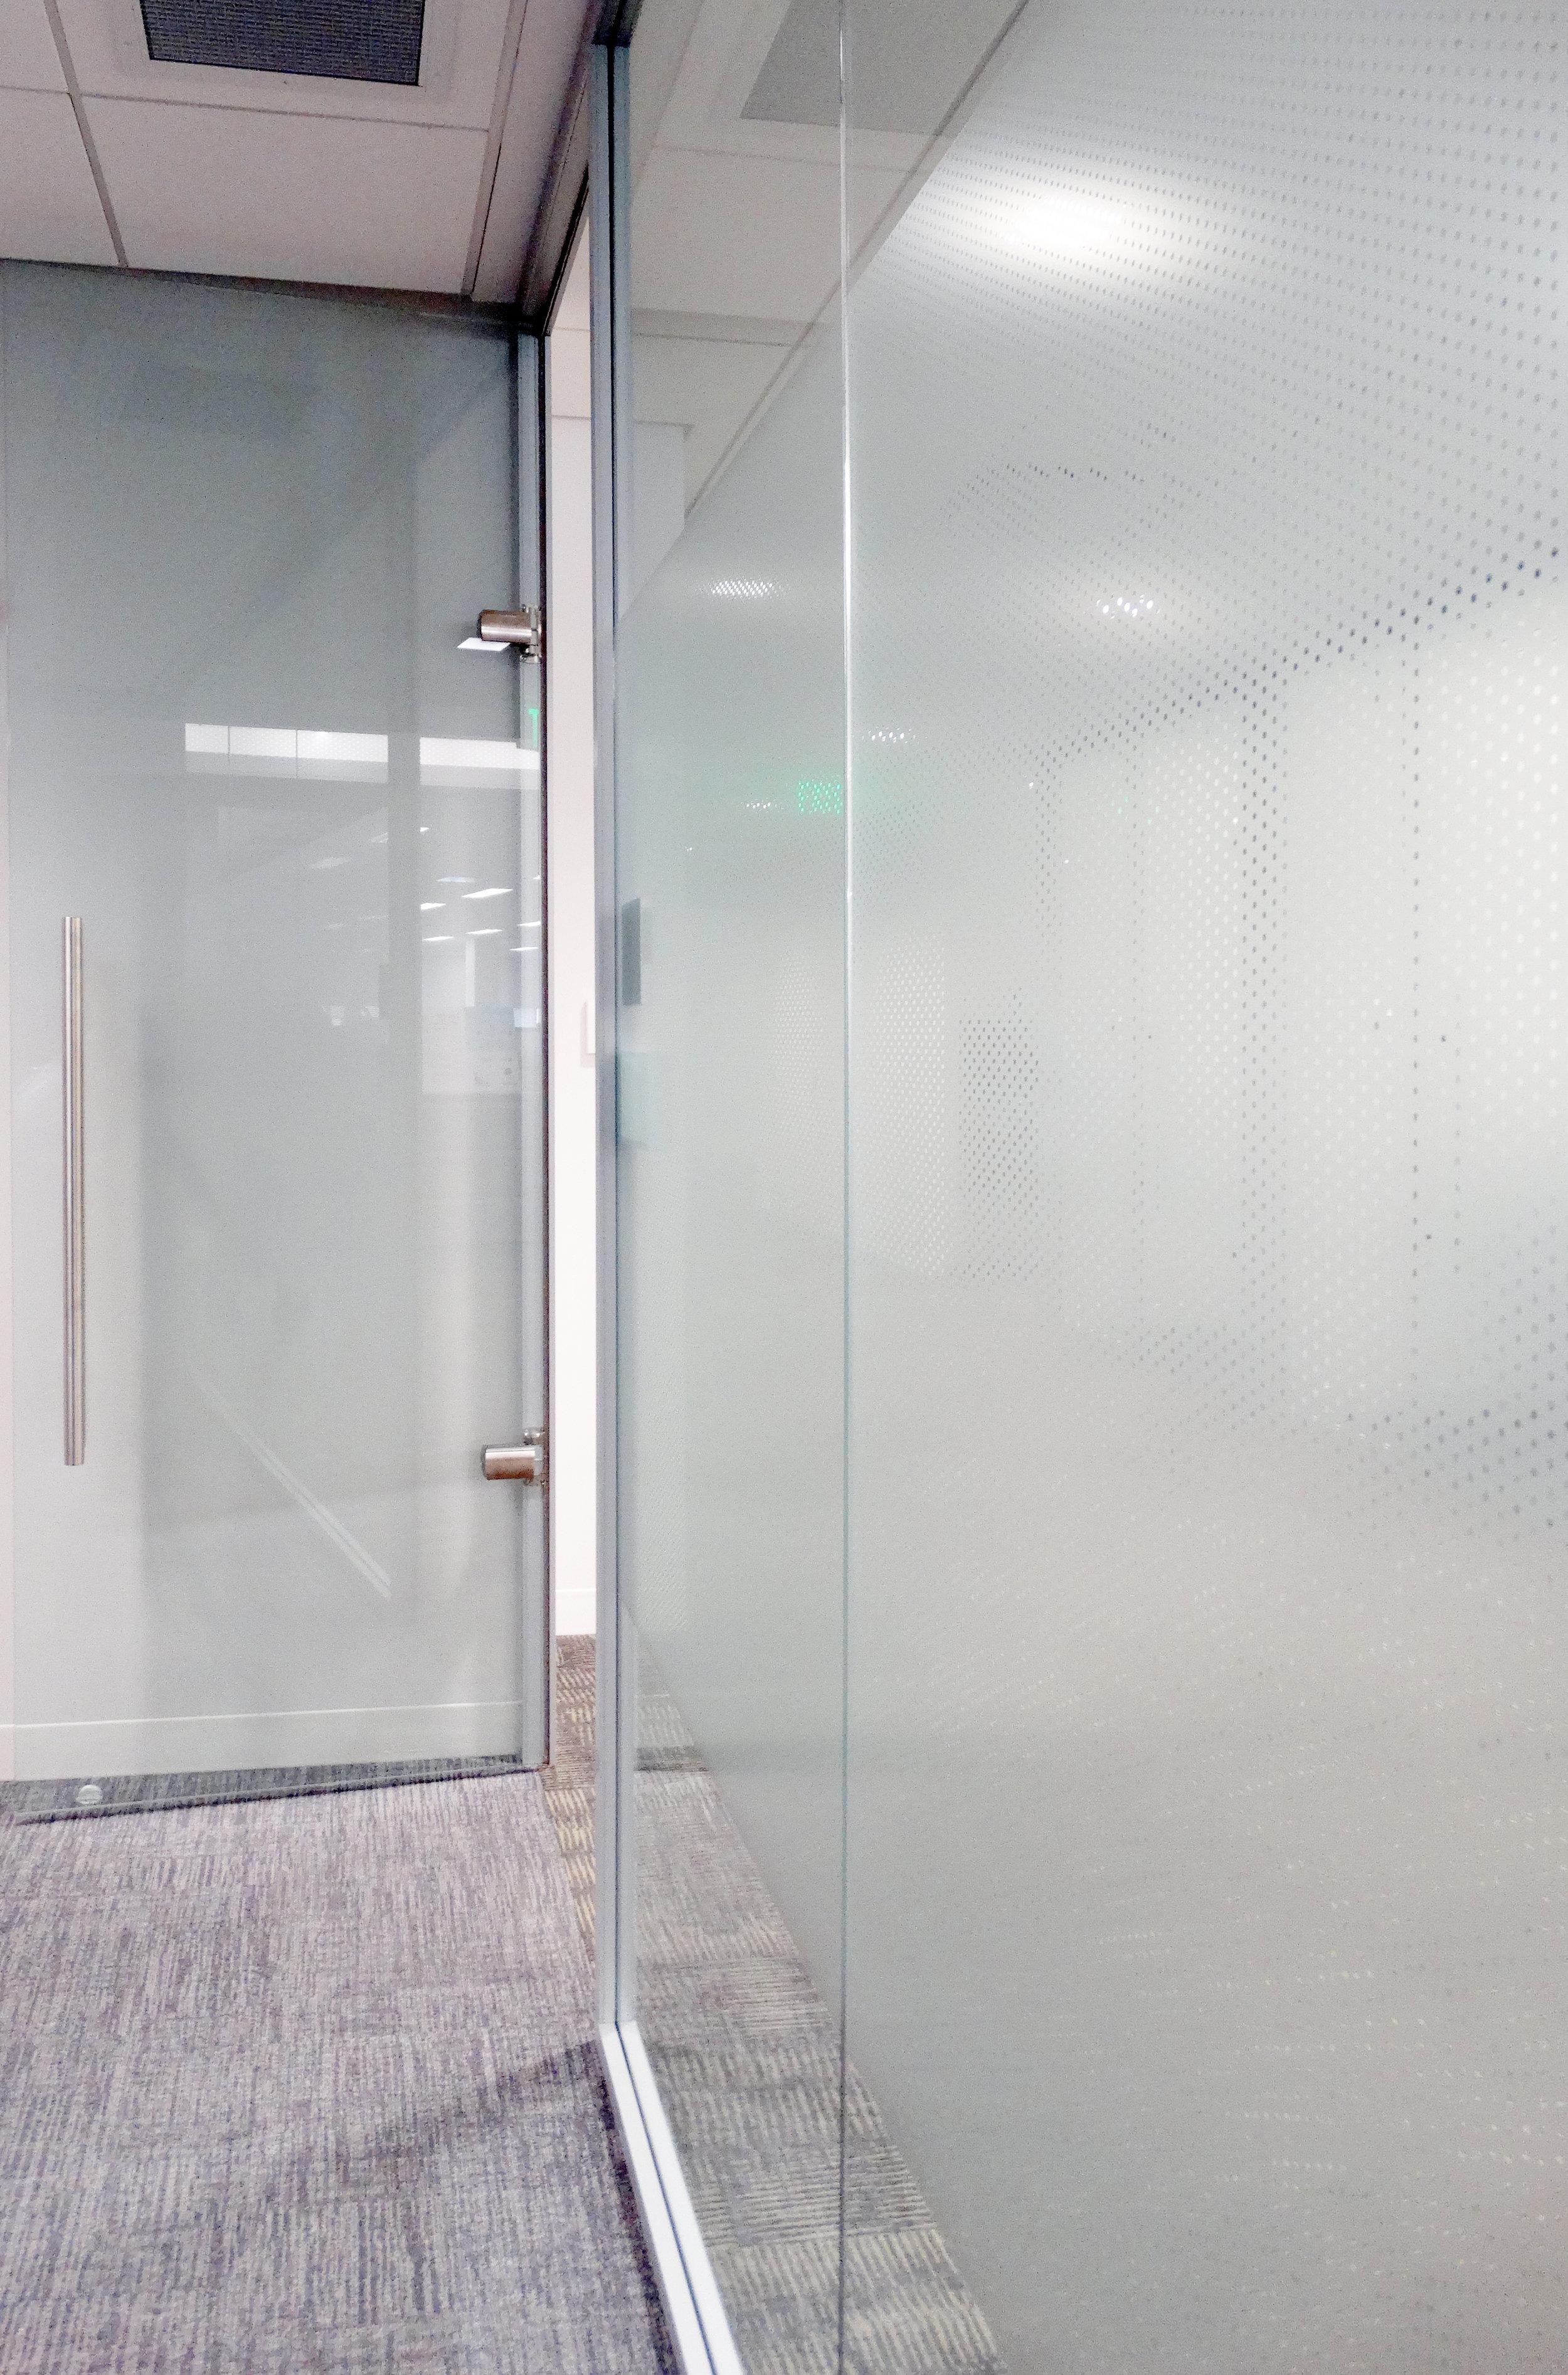 Litespace Demountable Frameless Glass Swing Door - Spaceworks AI.jpg